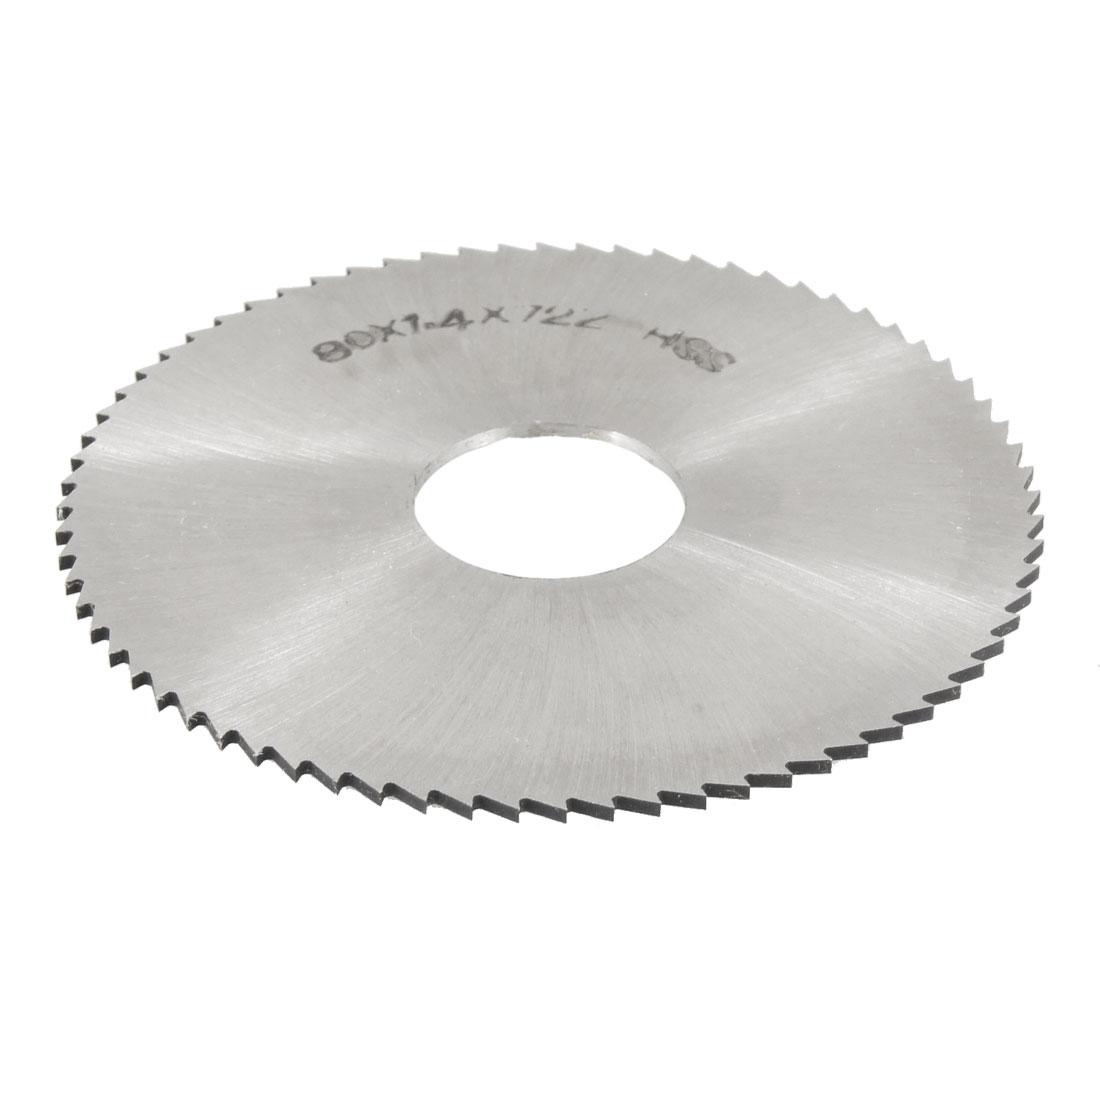 Silver Tone HSS 72T Slitting Saw 80mm x 1.4mm x 22mm